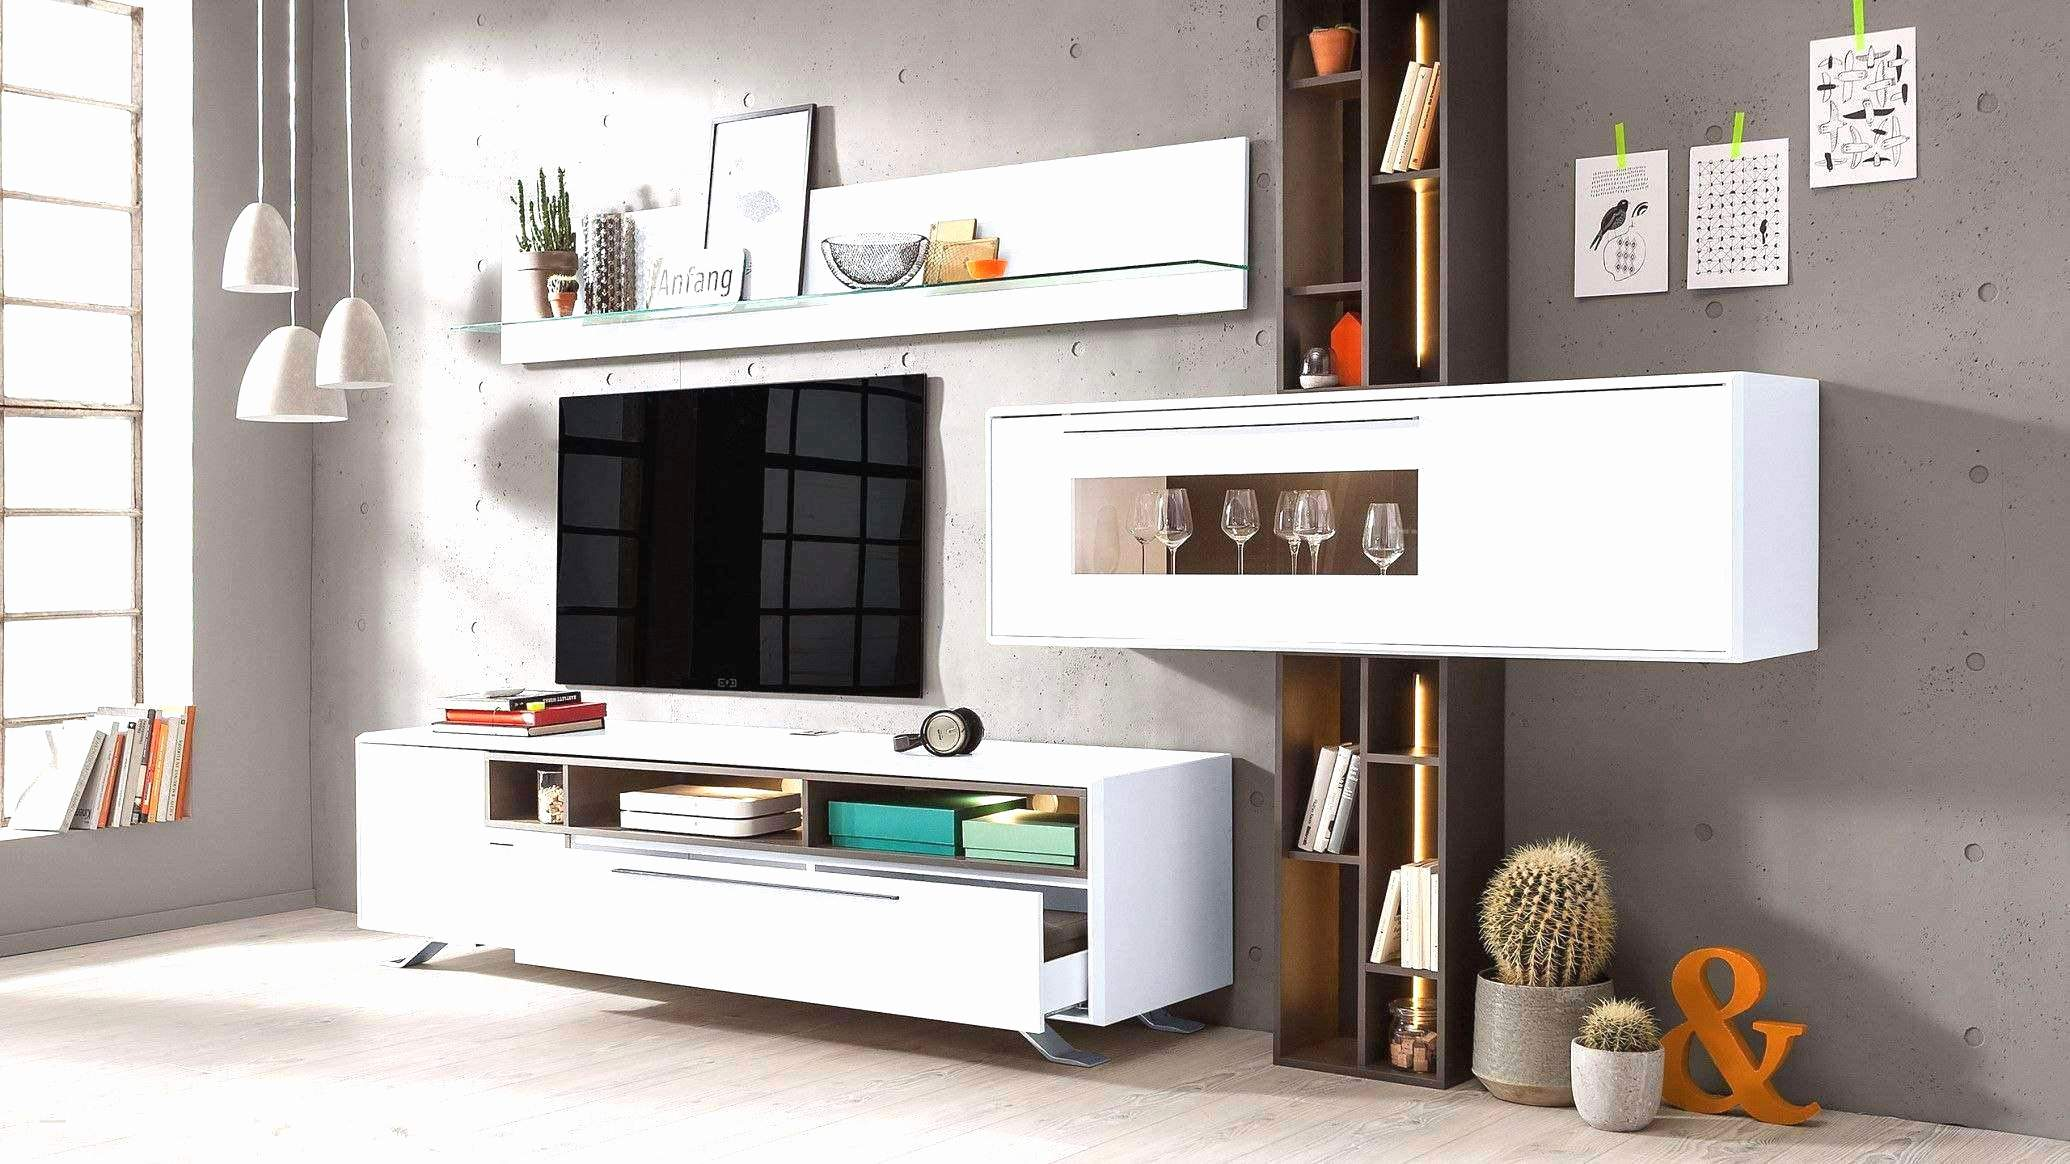 deko wohnzimmer wand elegant deko ideen wohnzimmerwand einzigartig wohnzimmer wand 0d of deko wohnzimmer wand